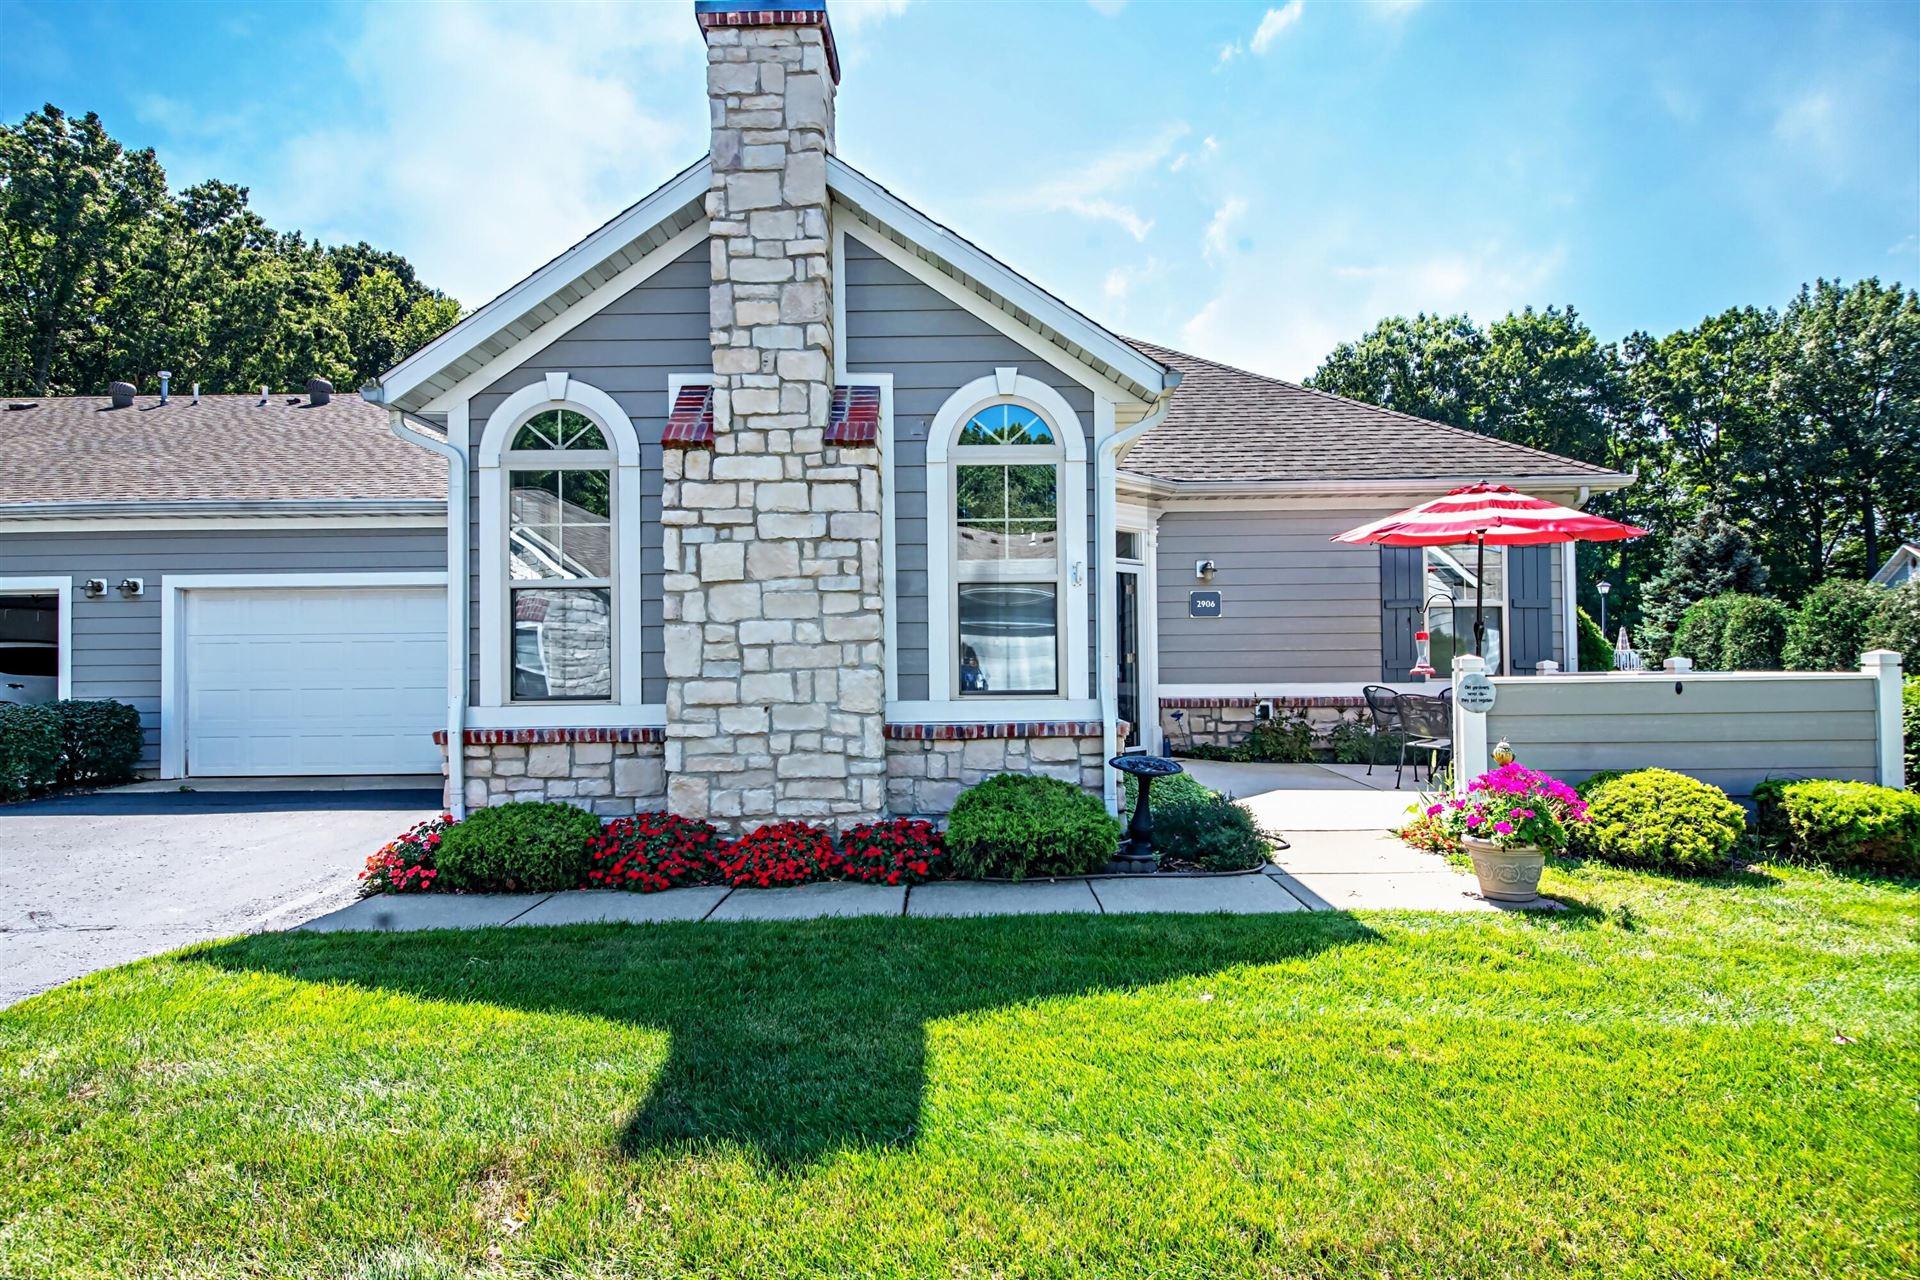 2906 Villa Lane, Benton Harbor, MI 49022 - MLS#: 21104046